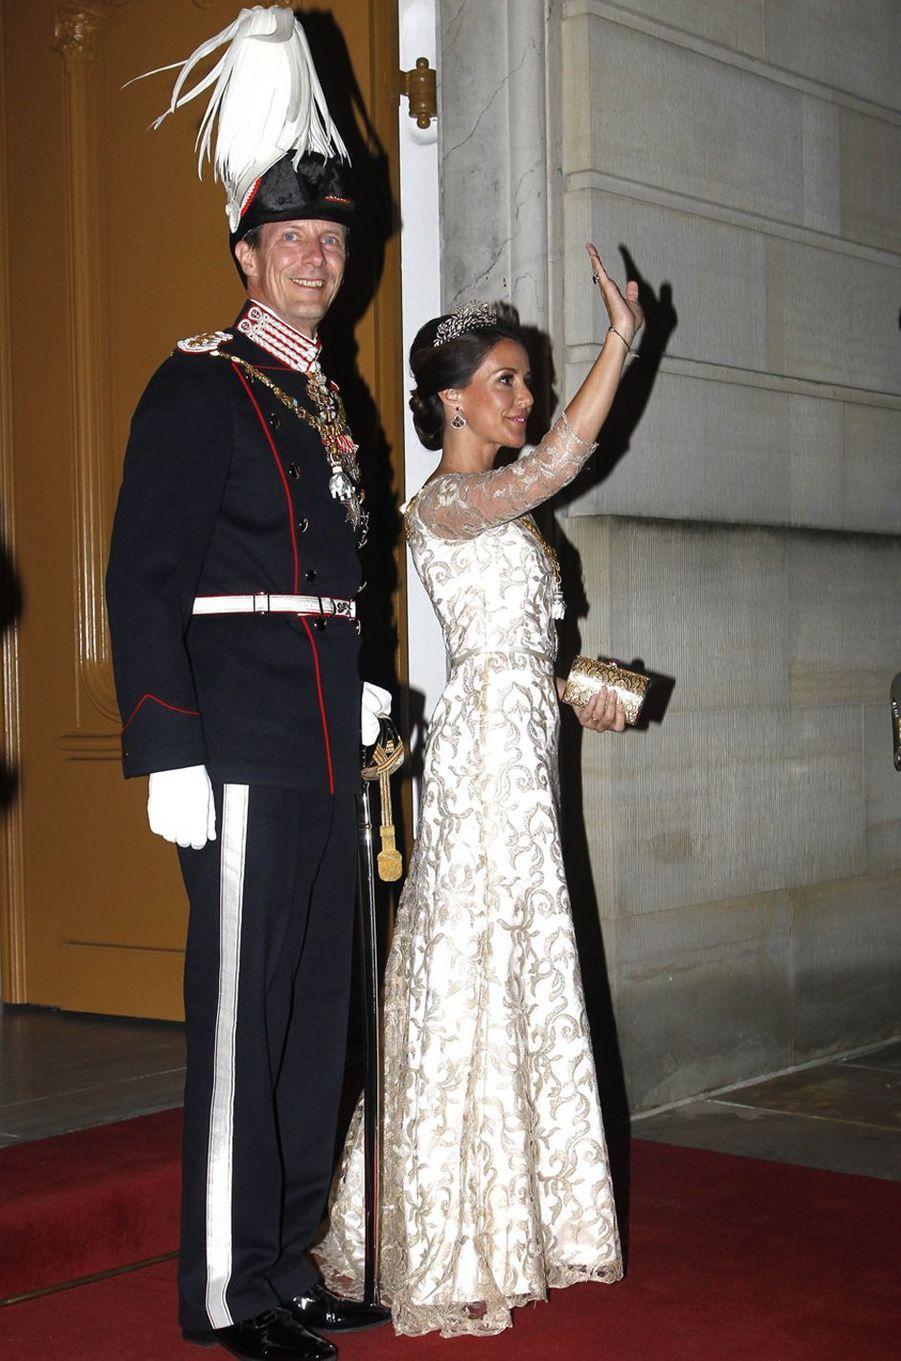 La princesse Marie de Danemark avec son époux le prince Joachim à Copenhague, le 1er janvier 2018